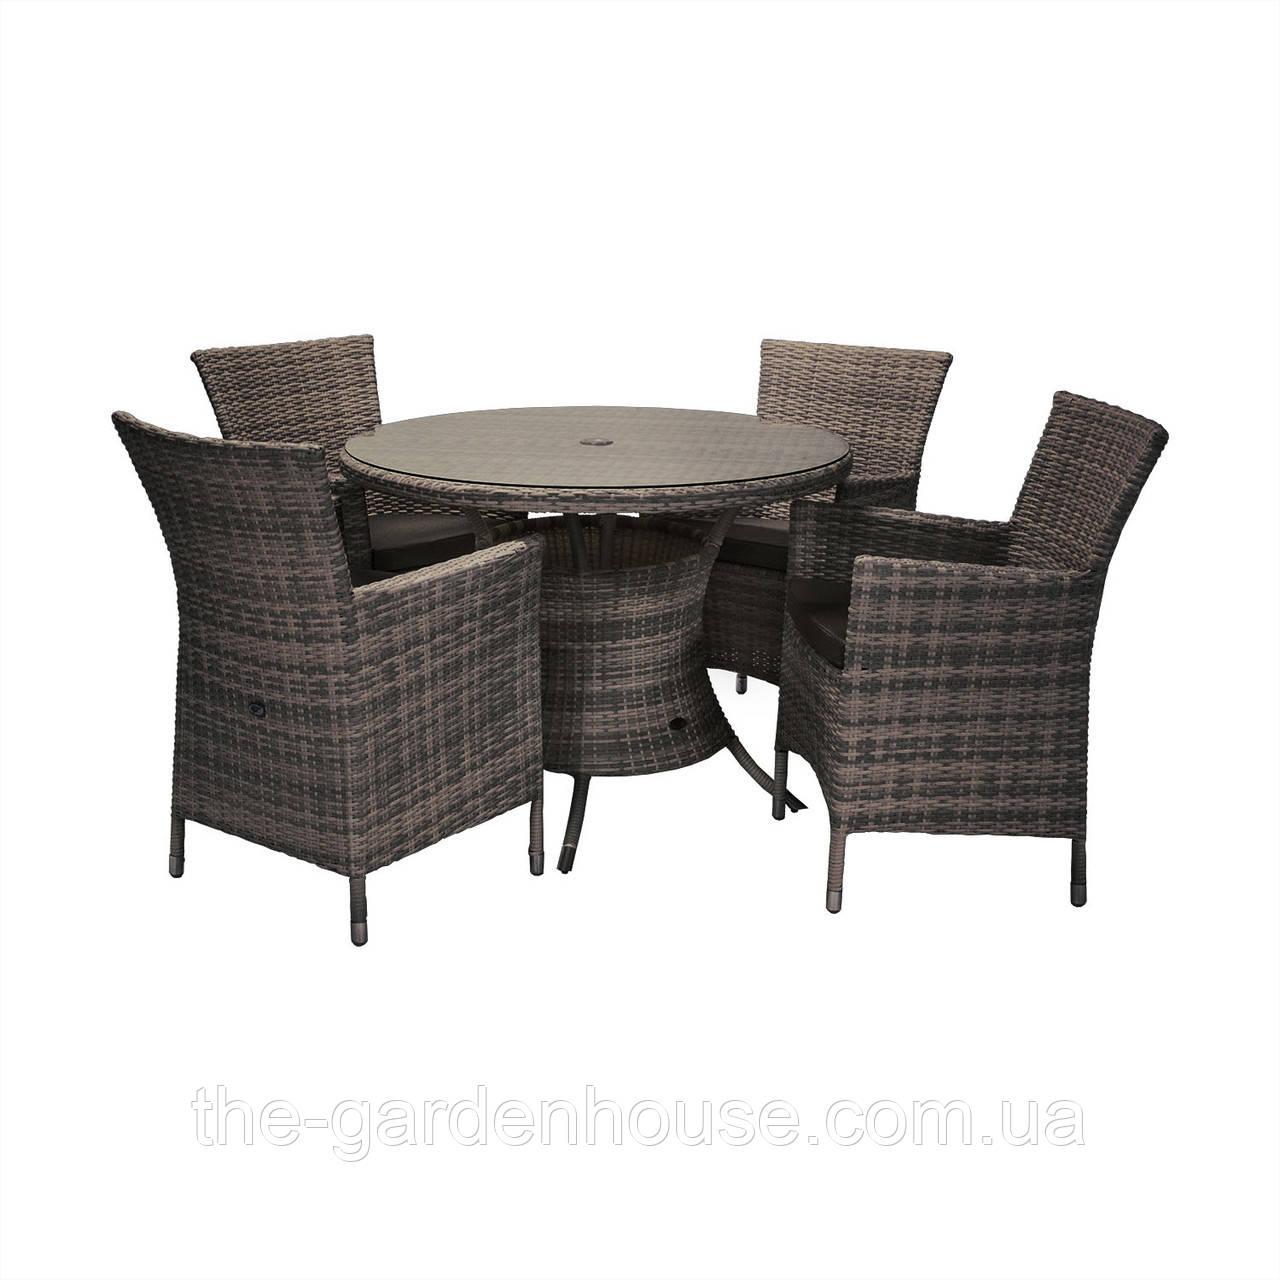 Обеденный комплект Викер из искусственного ротанга: стол 100 см и 4 кресла темно-коричневый